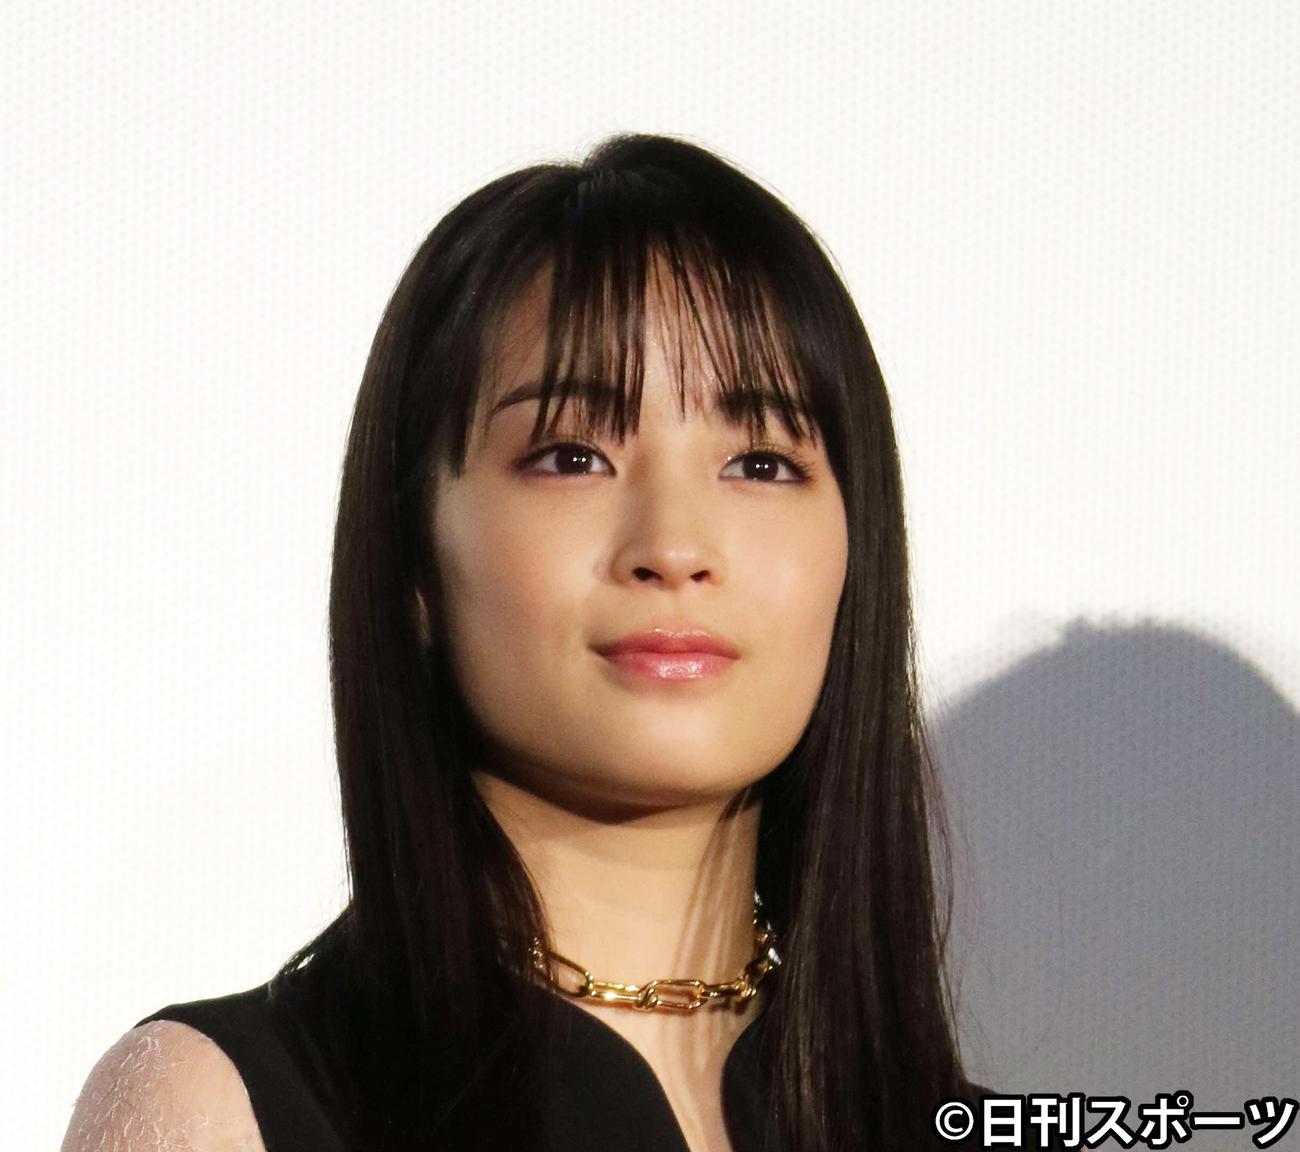 広瀬すず(2020年1月17日撮影)